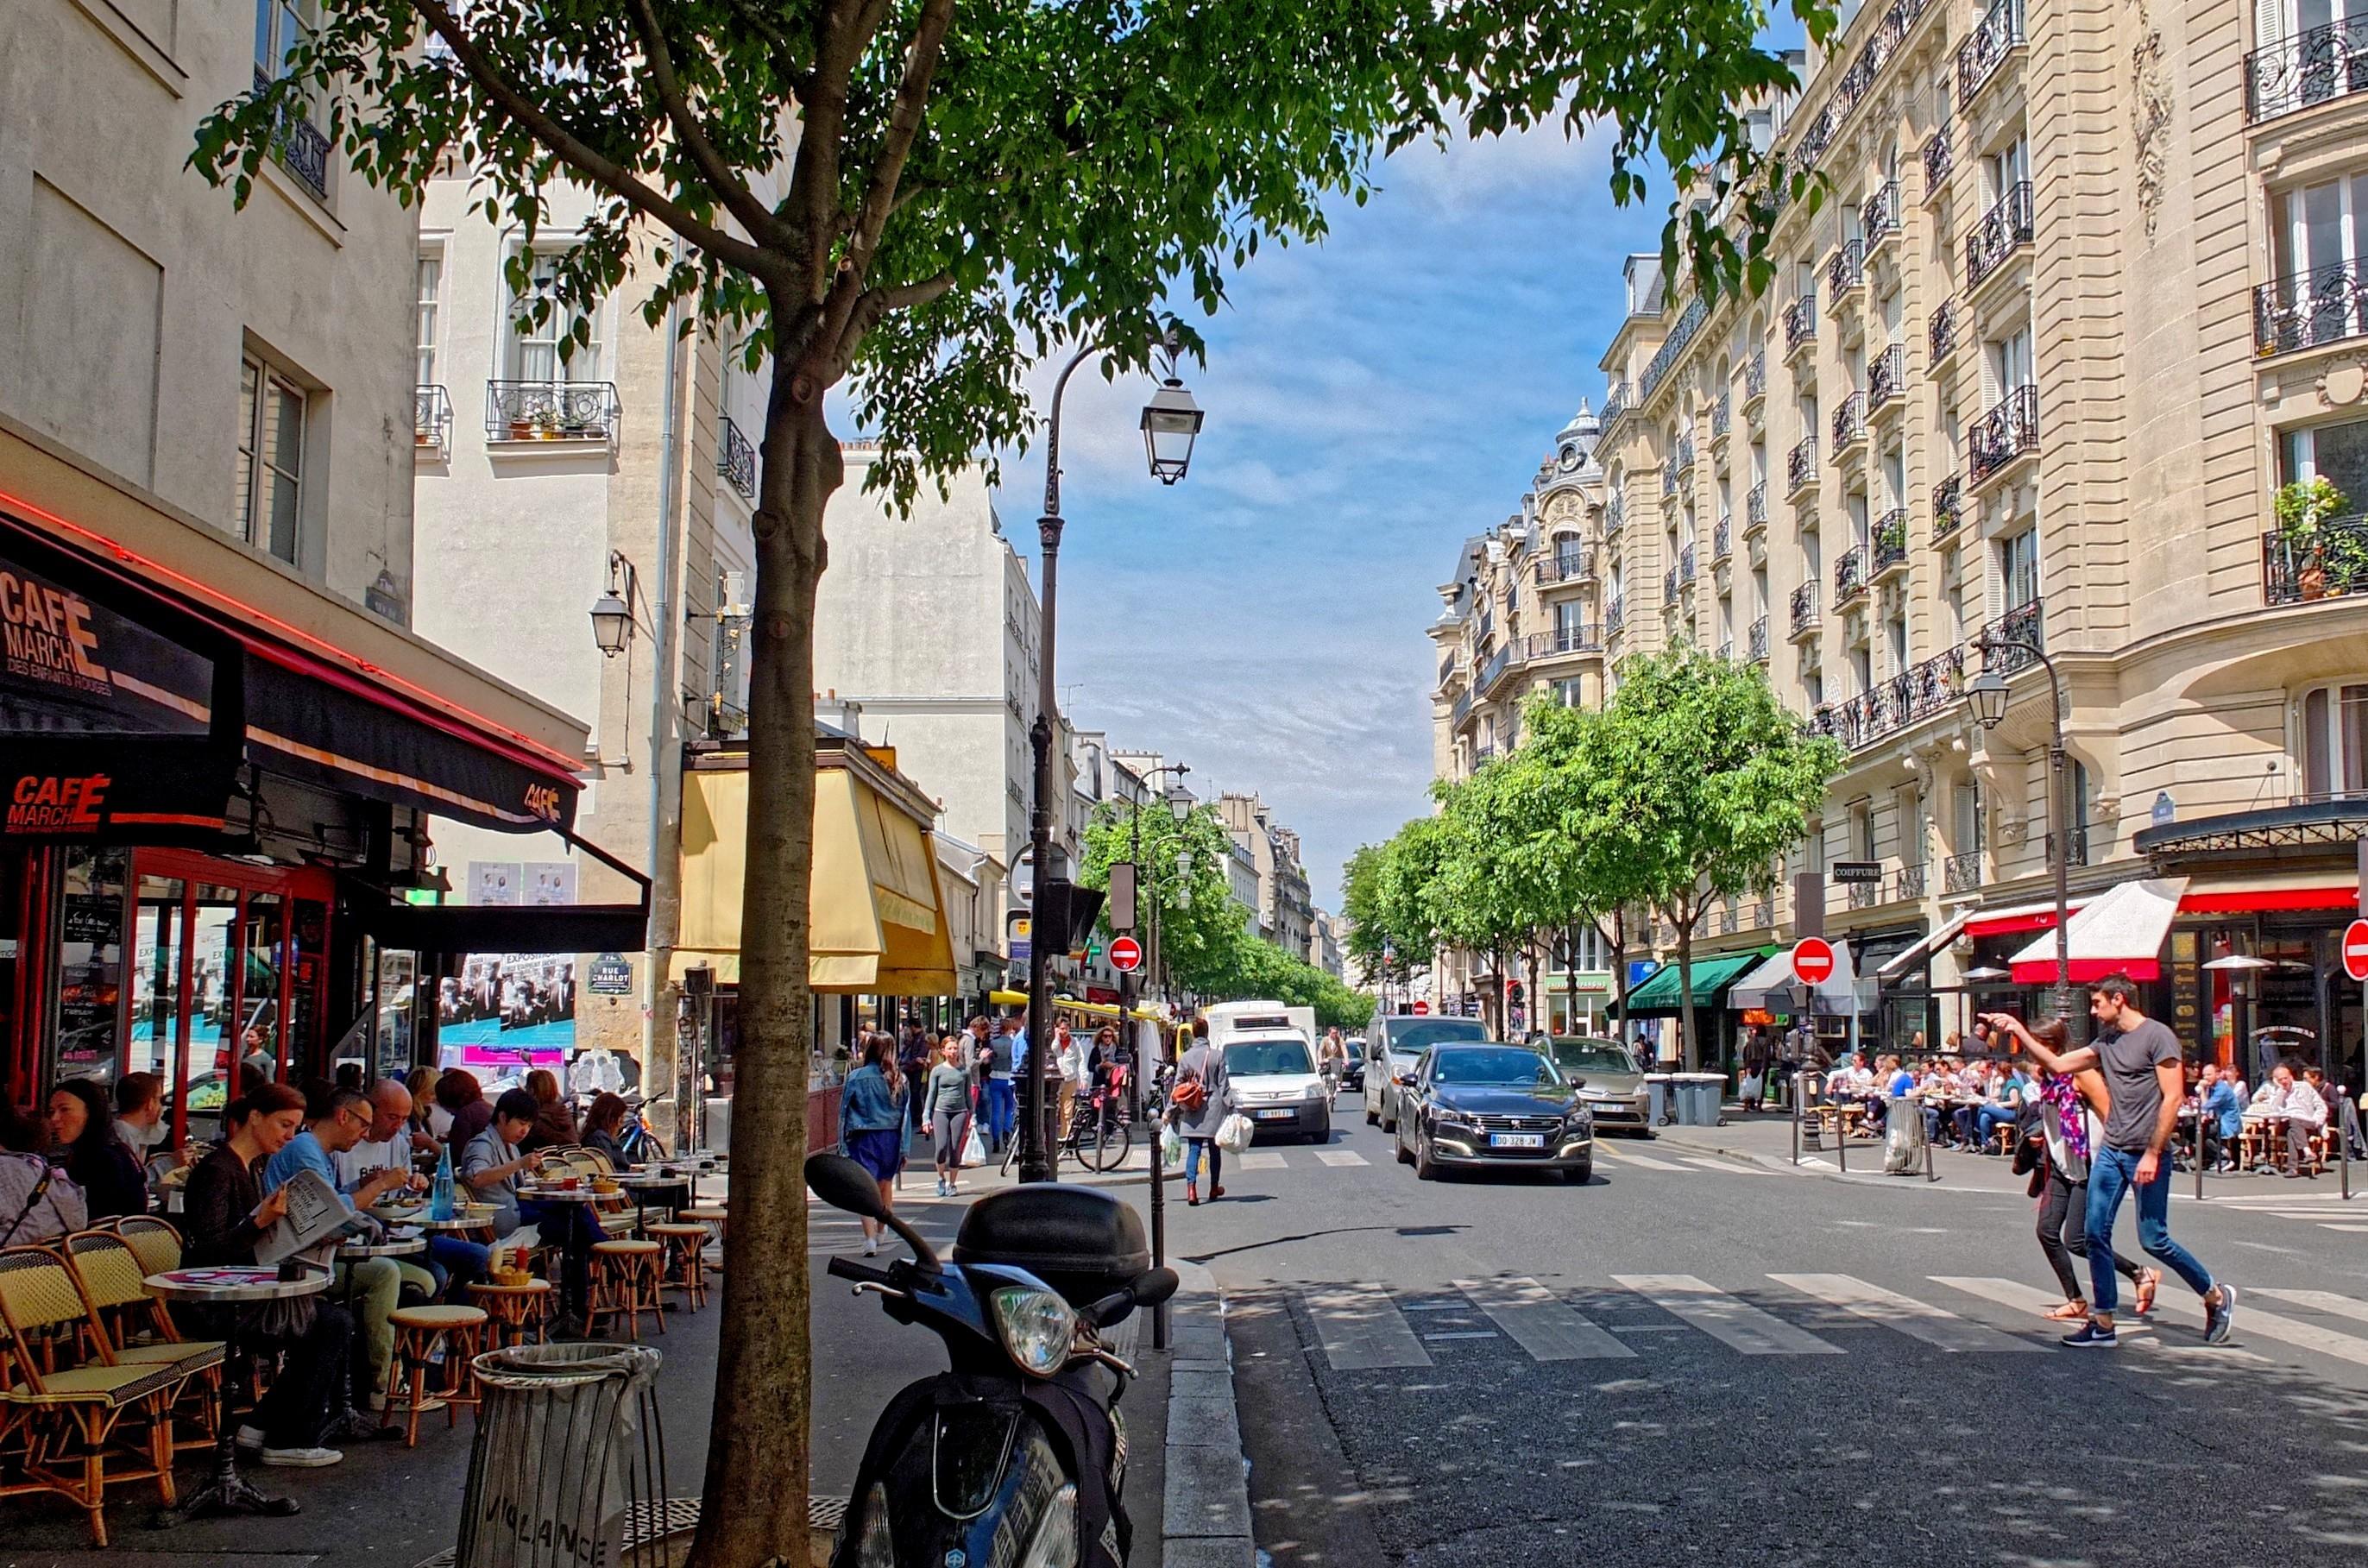 vue d'une rue commerçante à Paris